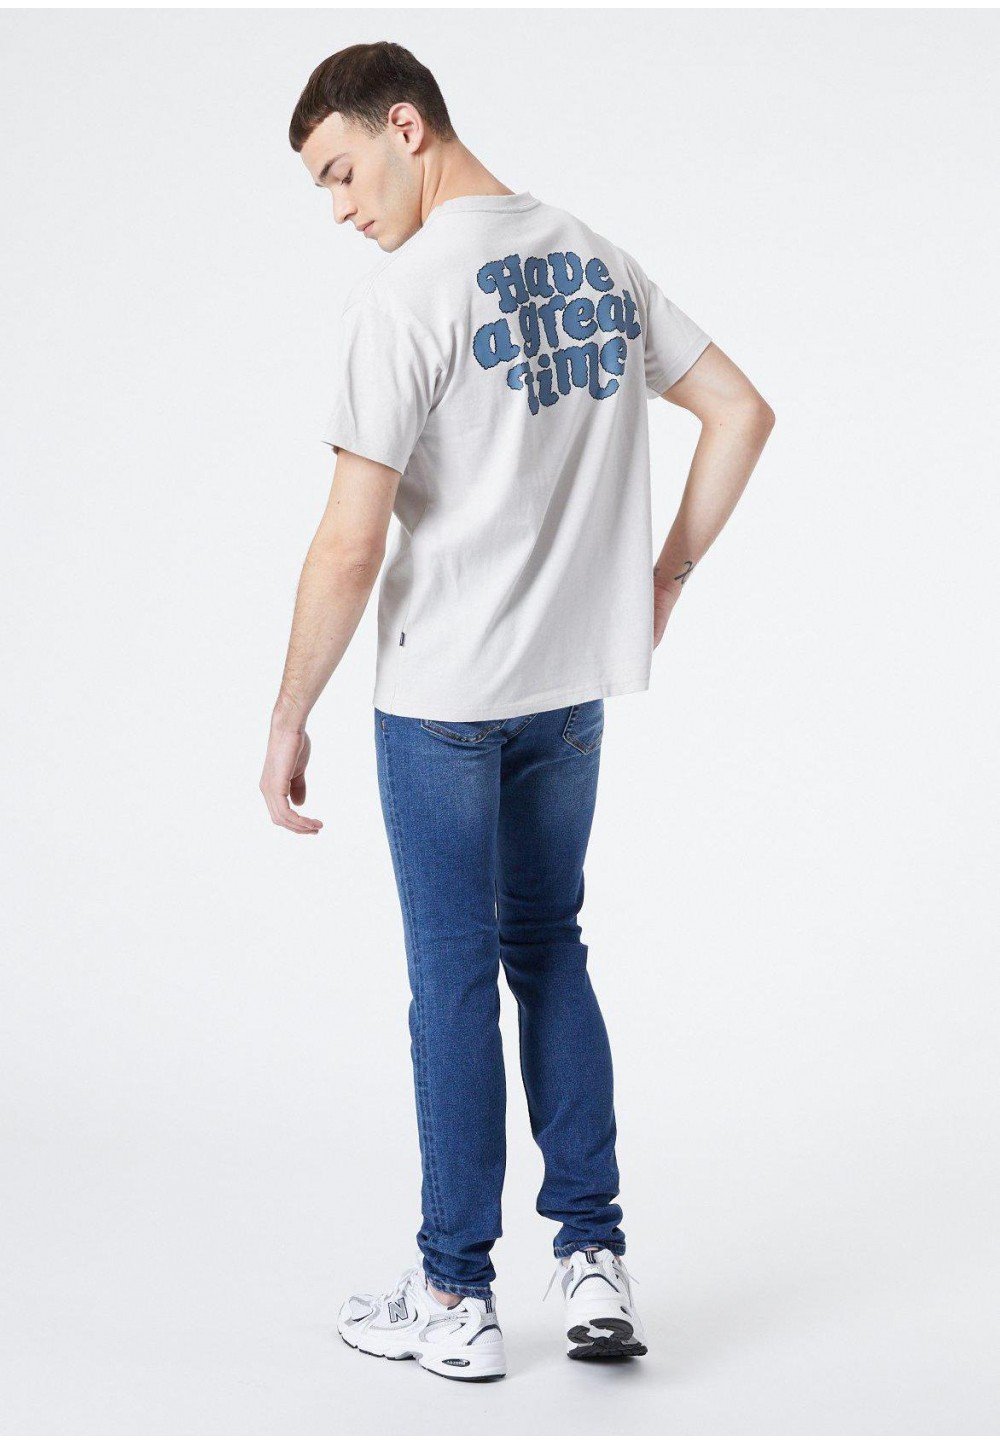 Мужская футболка с текстовым принтом